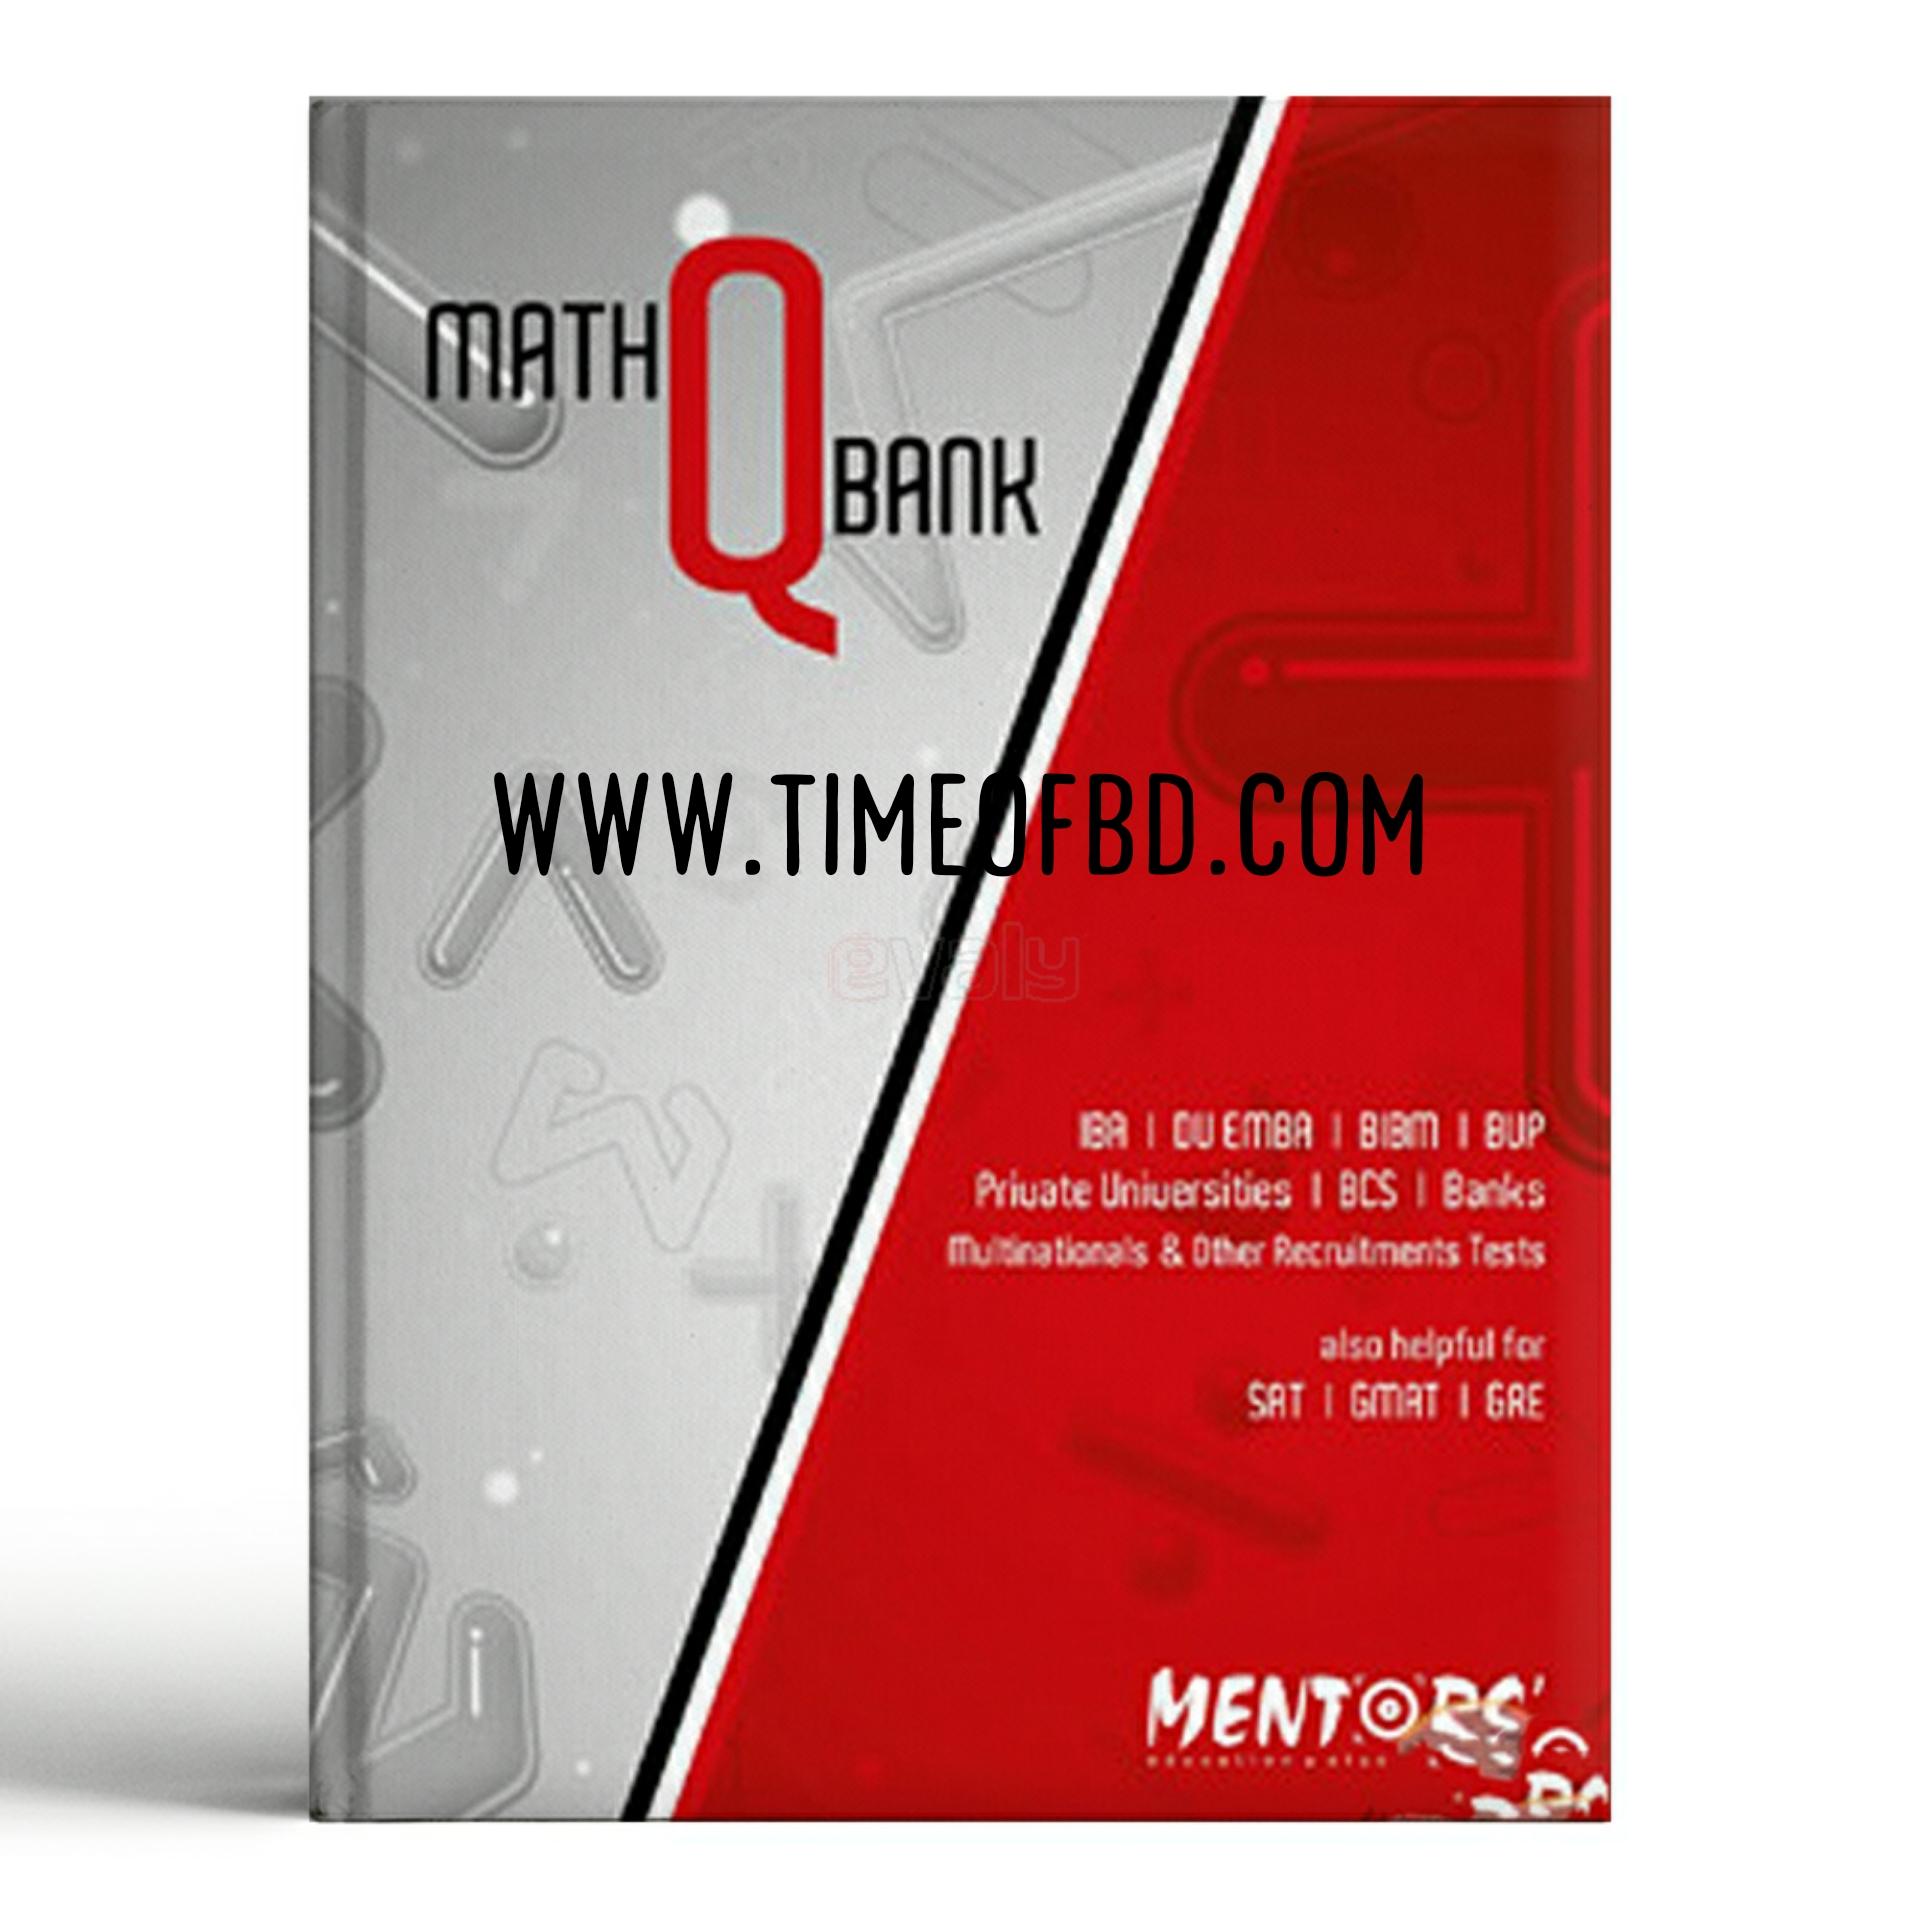 mentors math question bank online order link,mentors math question bank online order,mentors math question bank pdf,mentors math question bank pdf file